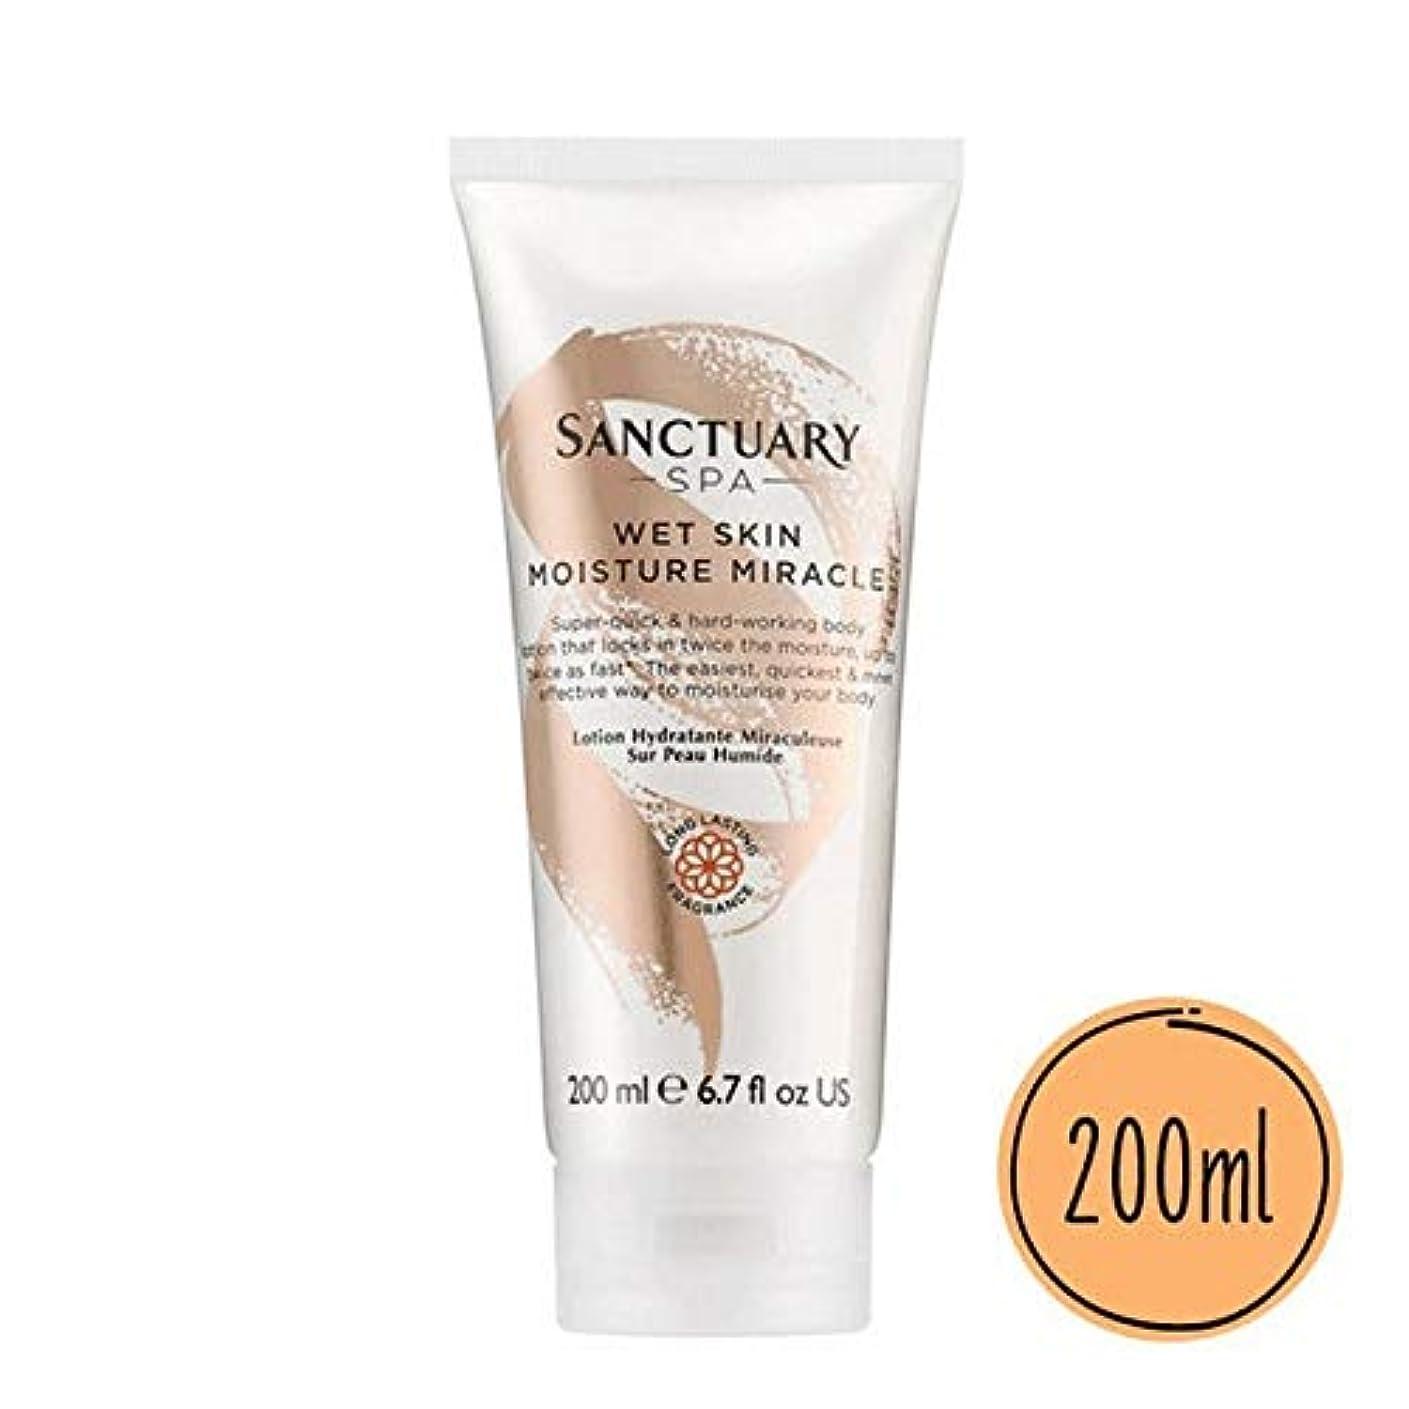 伝記時代遅れ恐怖[Sanctuary Spa ] 聖域スパ濡れた肌の水分奇跡の200ミリリットル - Sanctuary Spa Wet Skin Moisture Miracle 200ml [並行輸入品]